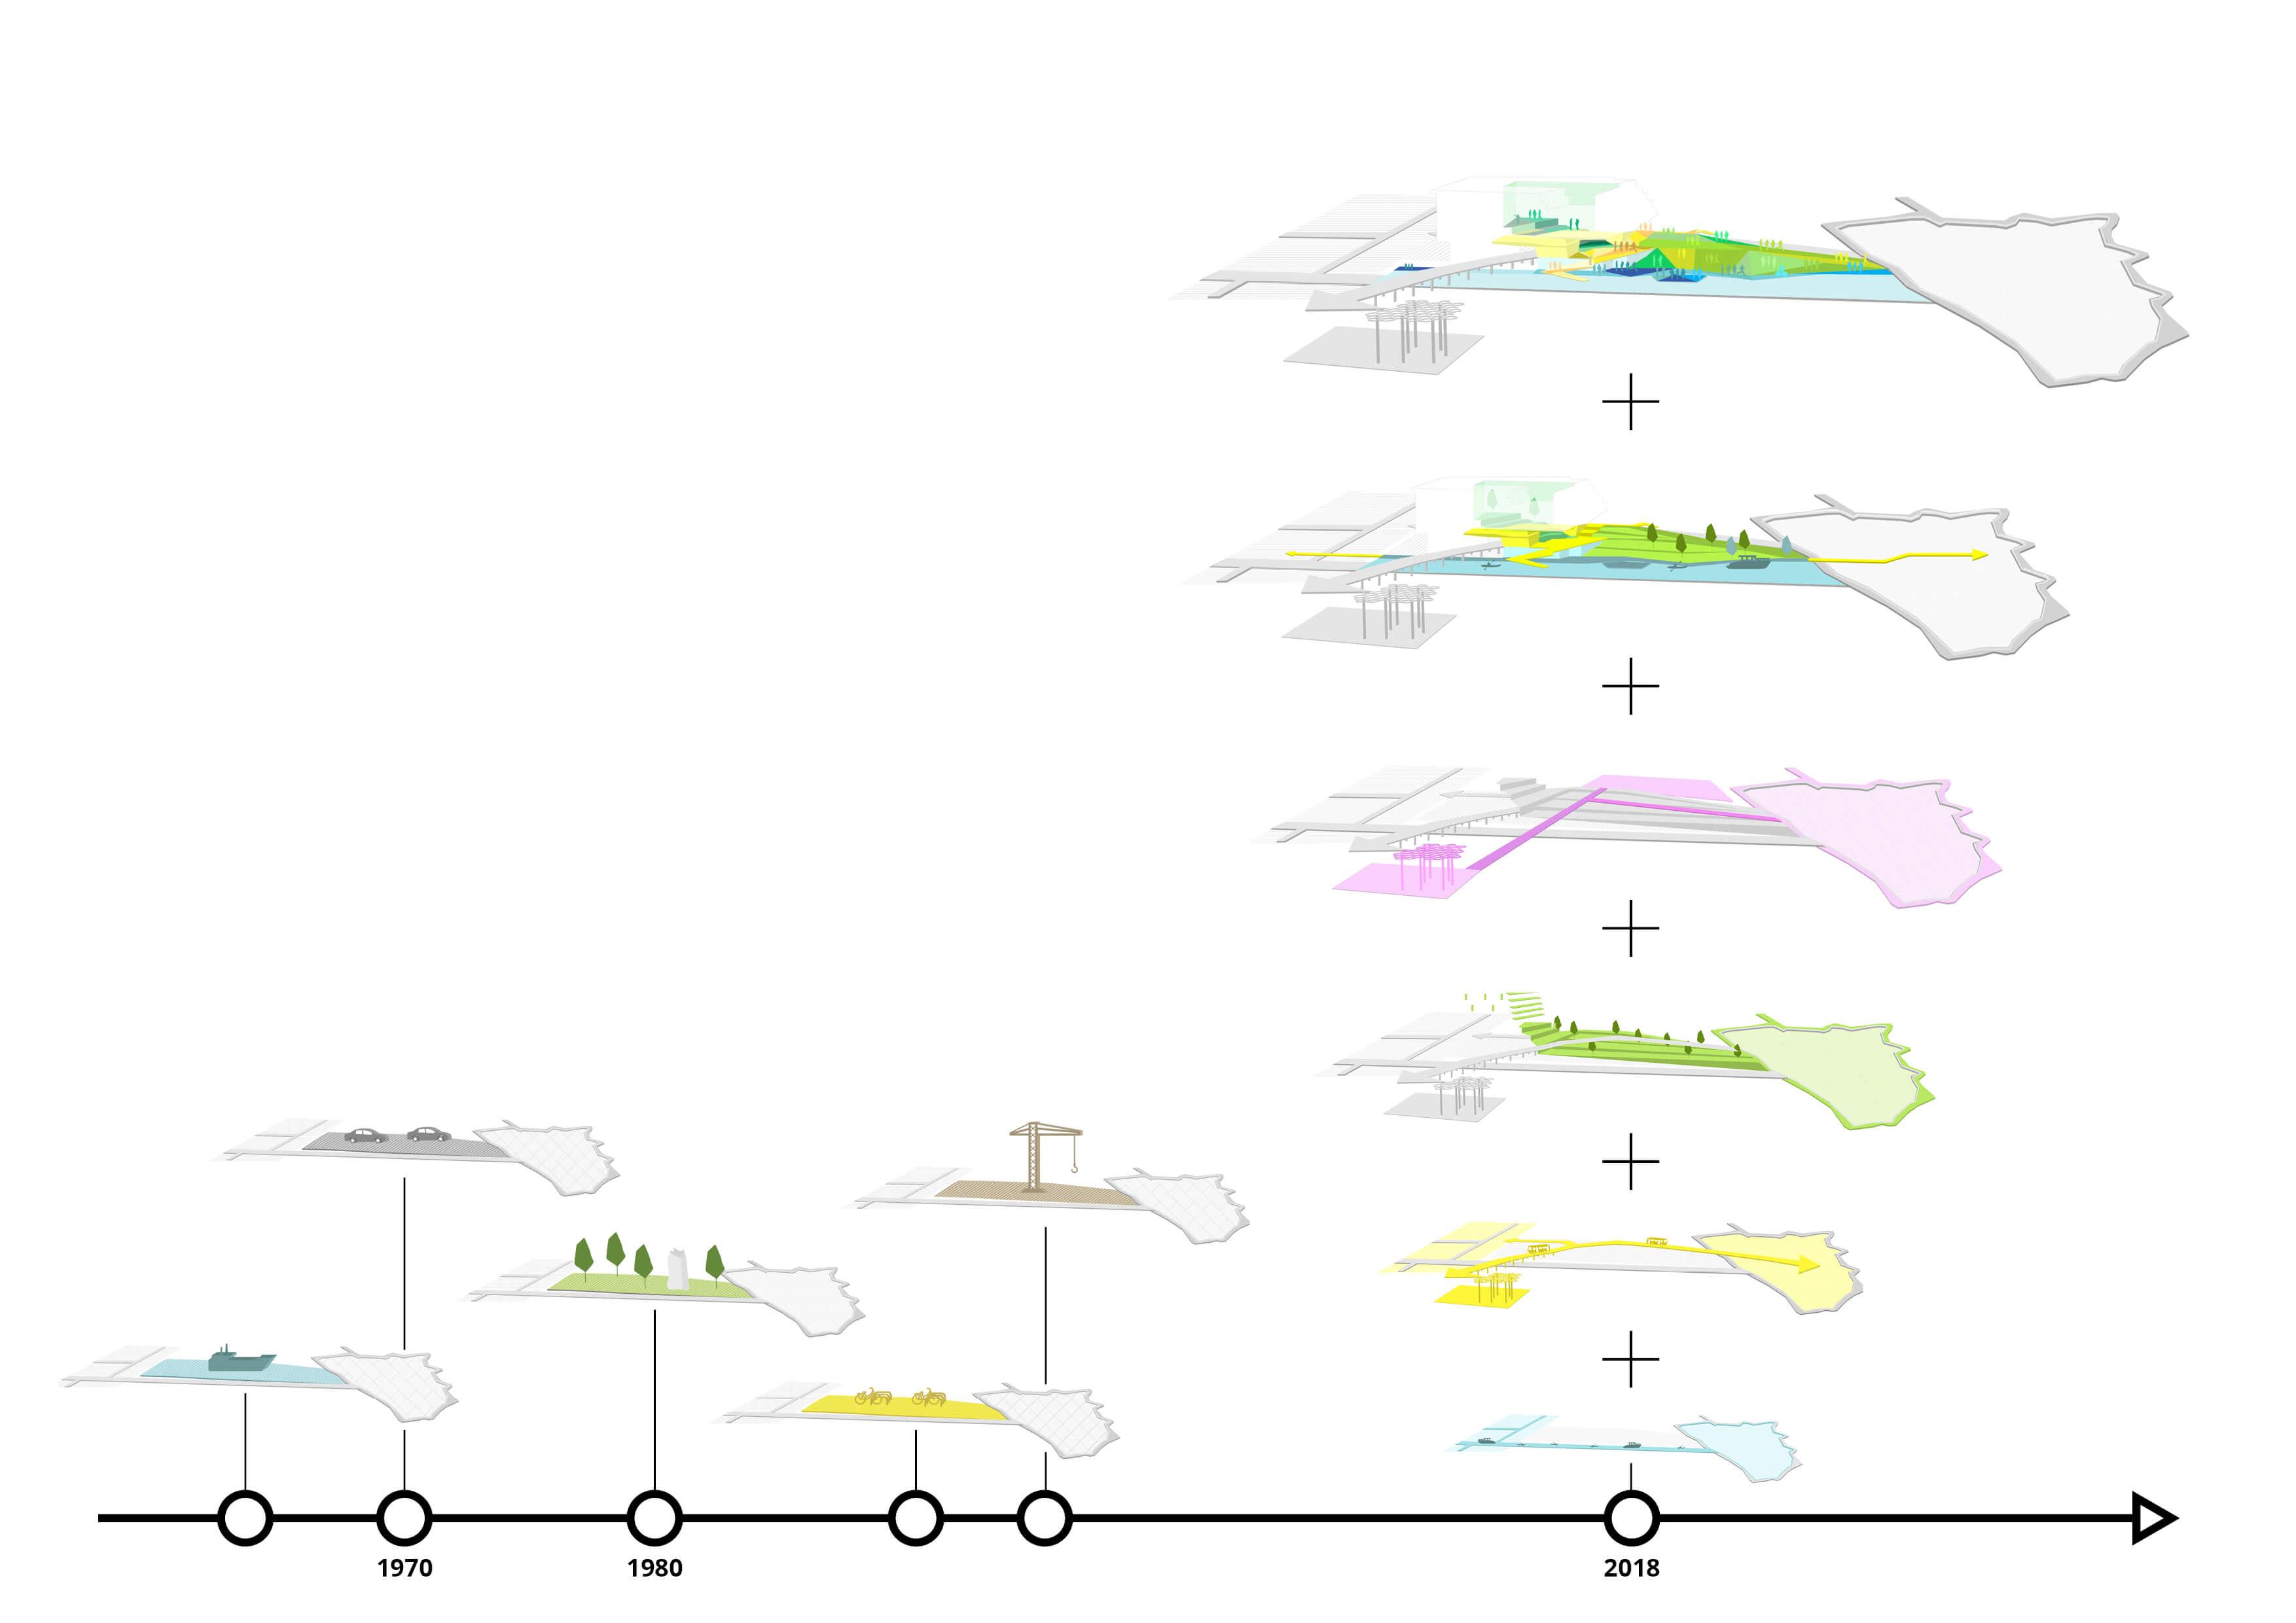 felixx-smakkelaarsveld-concept-scheme.jpg